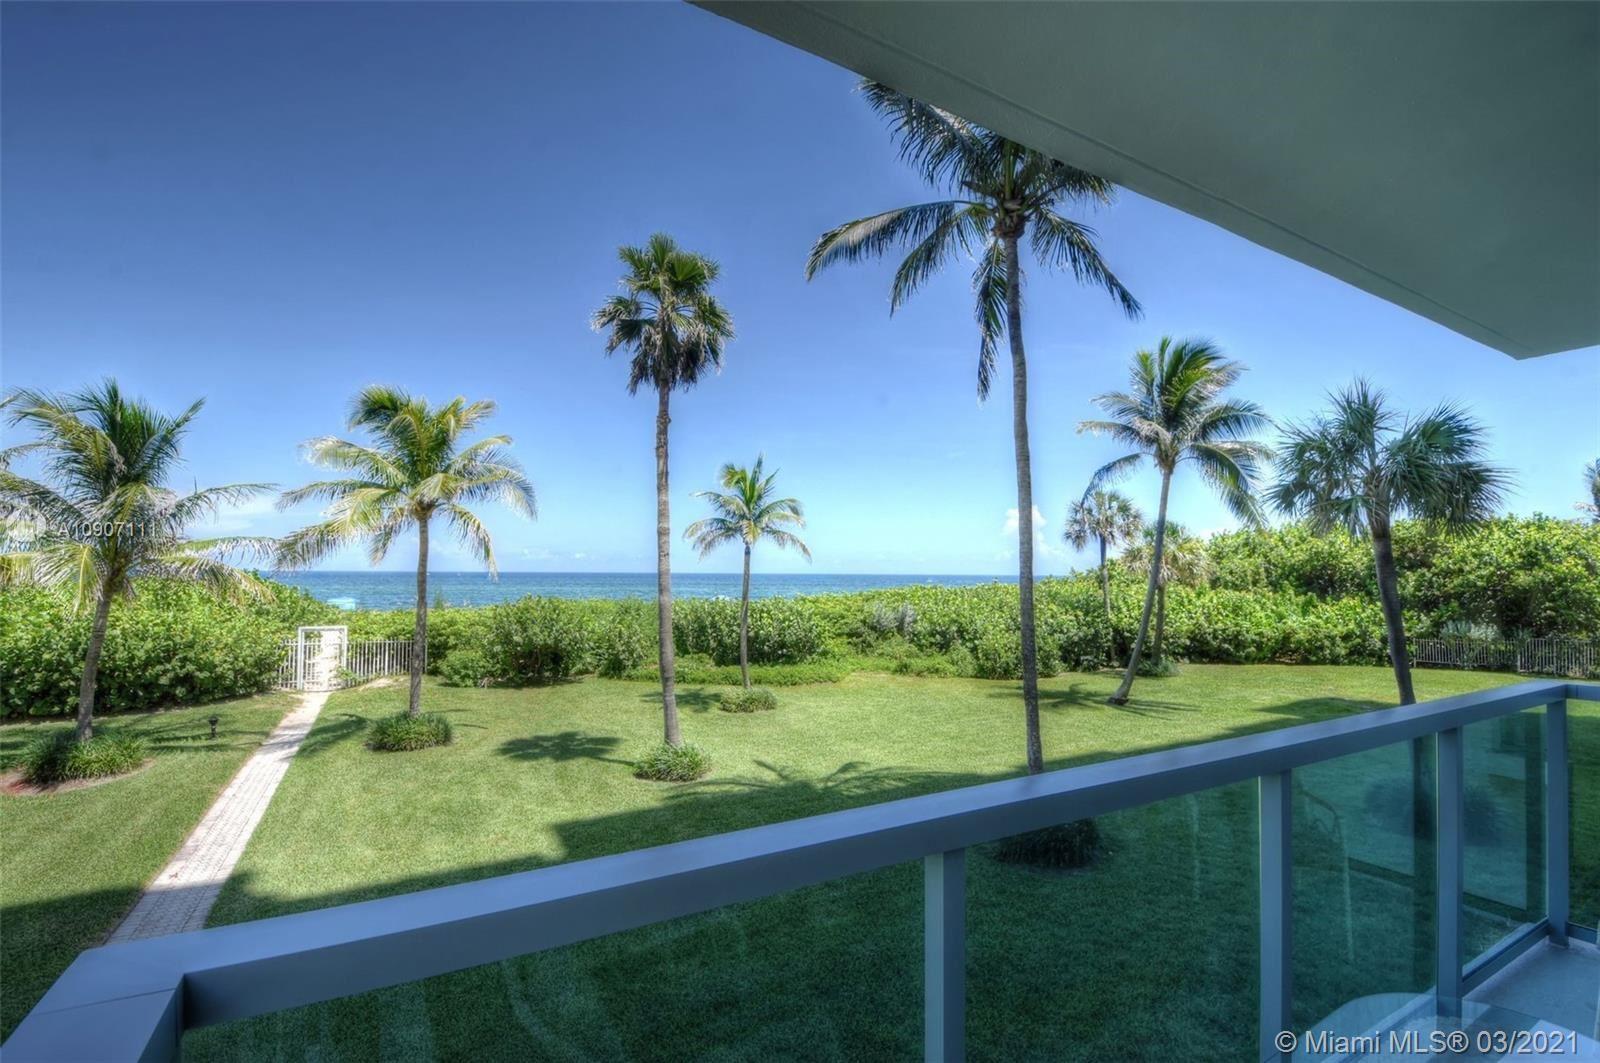 Photo of 1610 N Ocean Blvd #101, Pompano Beach, FL 33062 (MLS # A10907111)